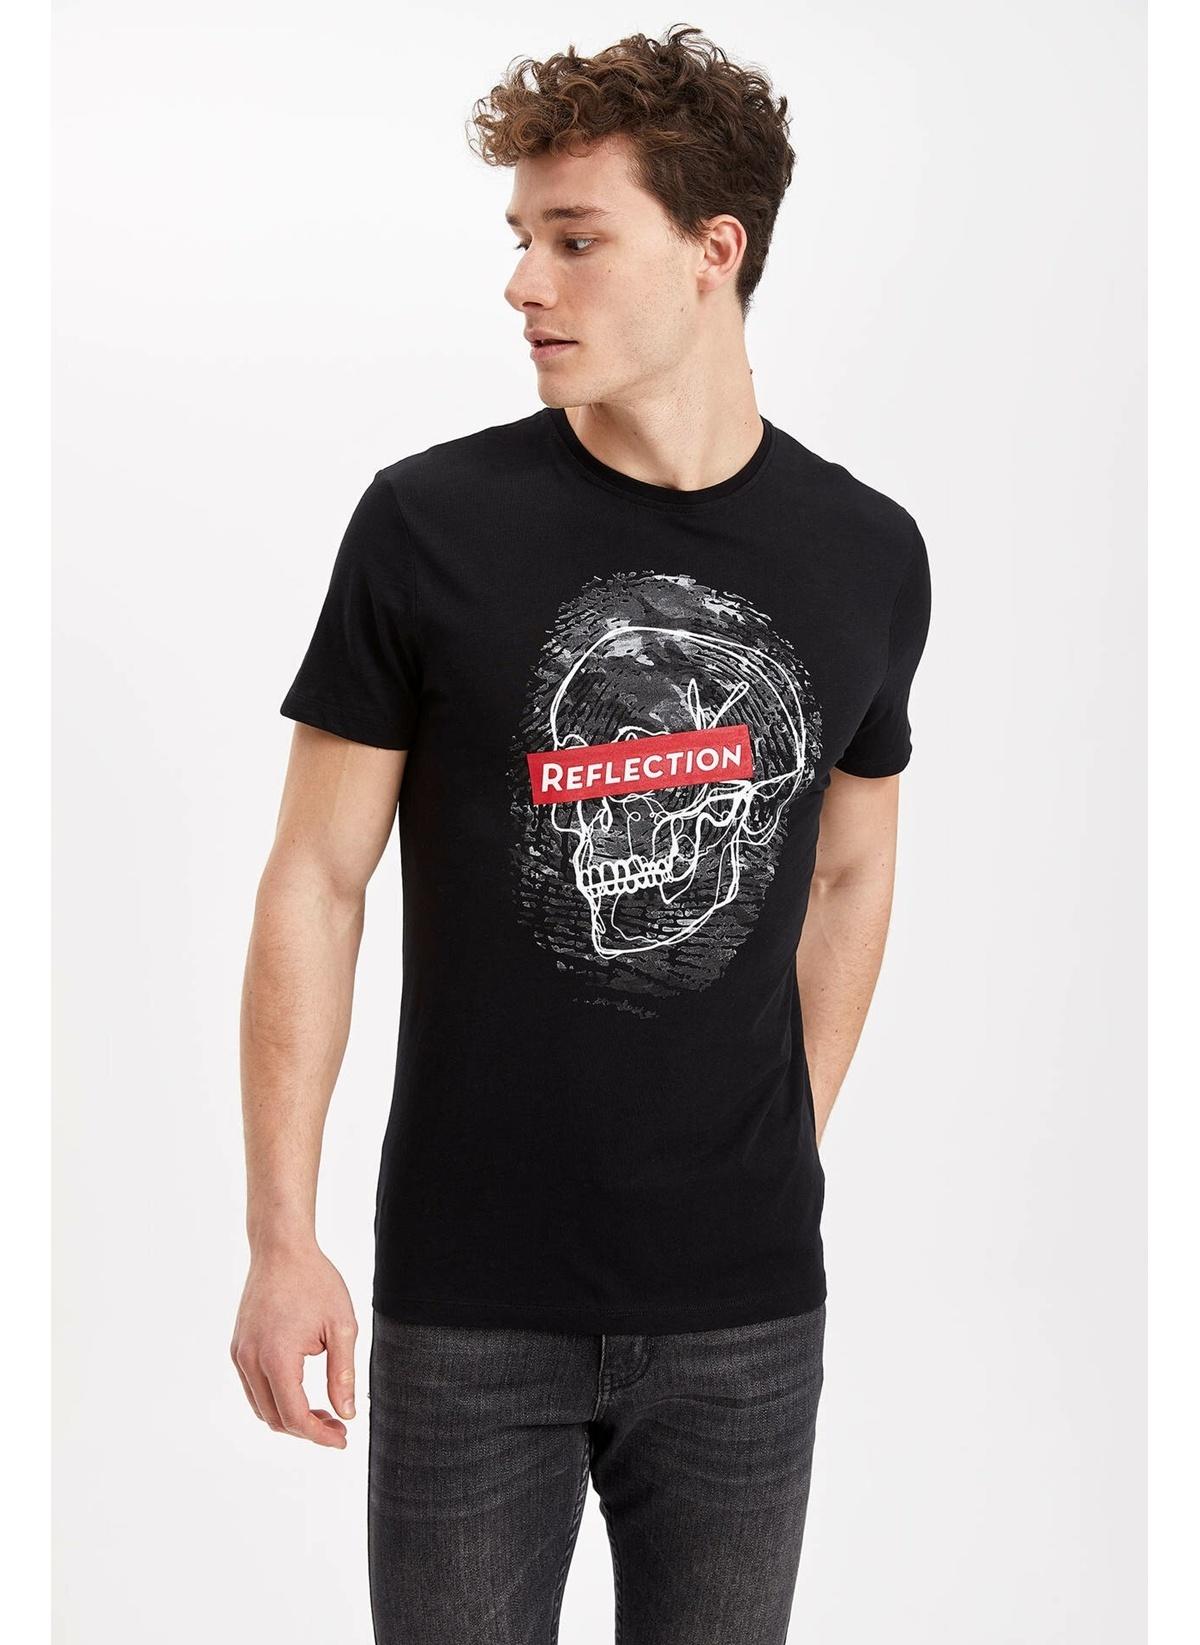 Defacto Tişört K4511az19smbk27t-shirt – 29.99 TL